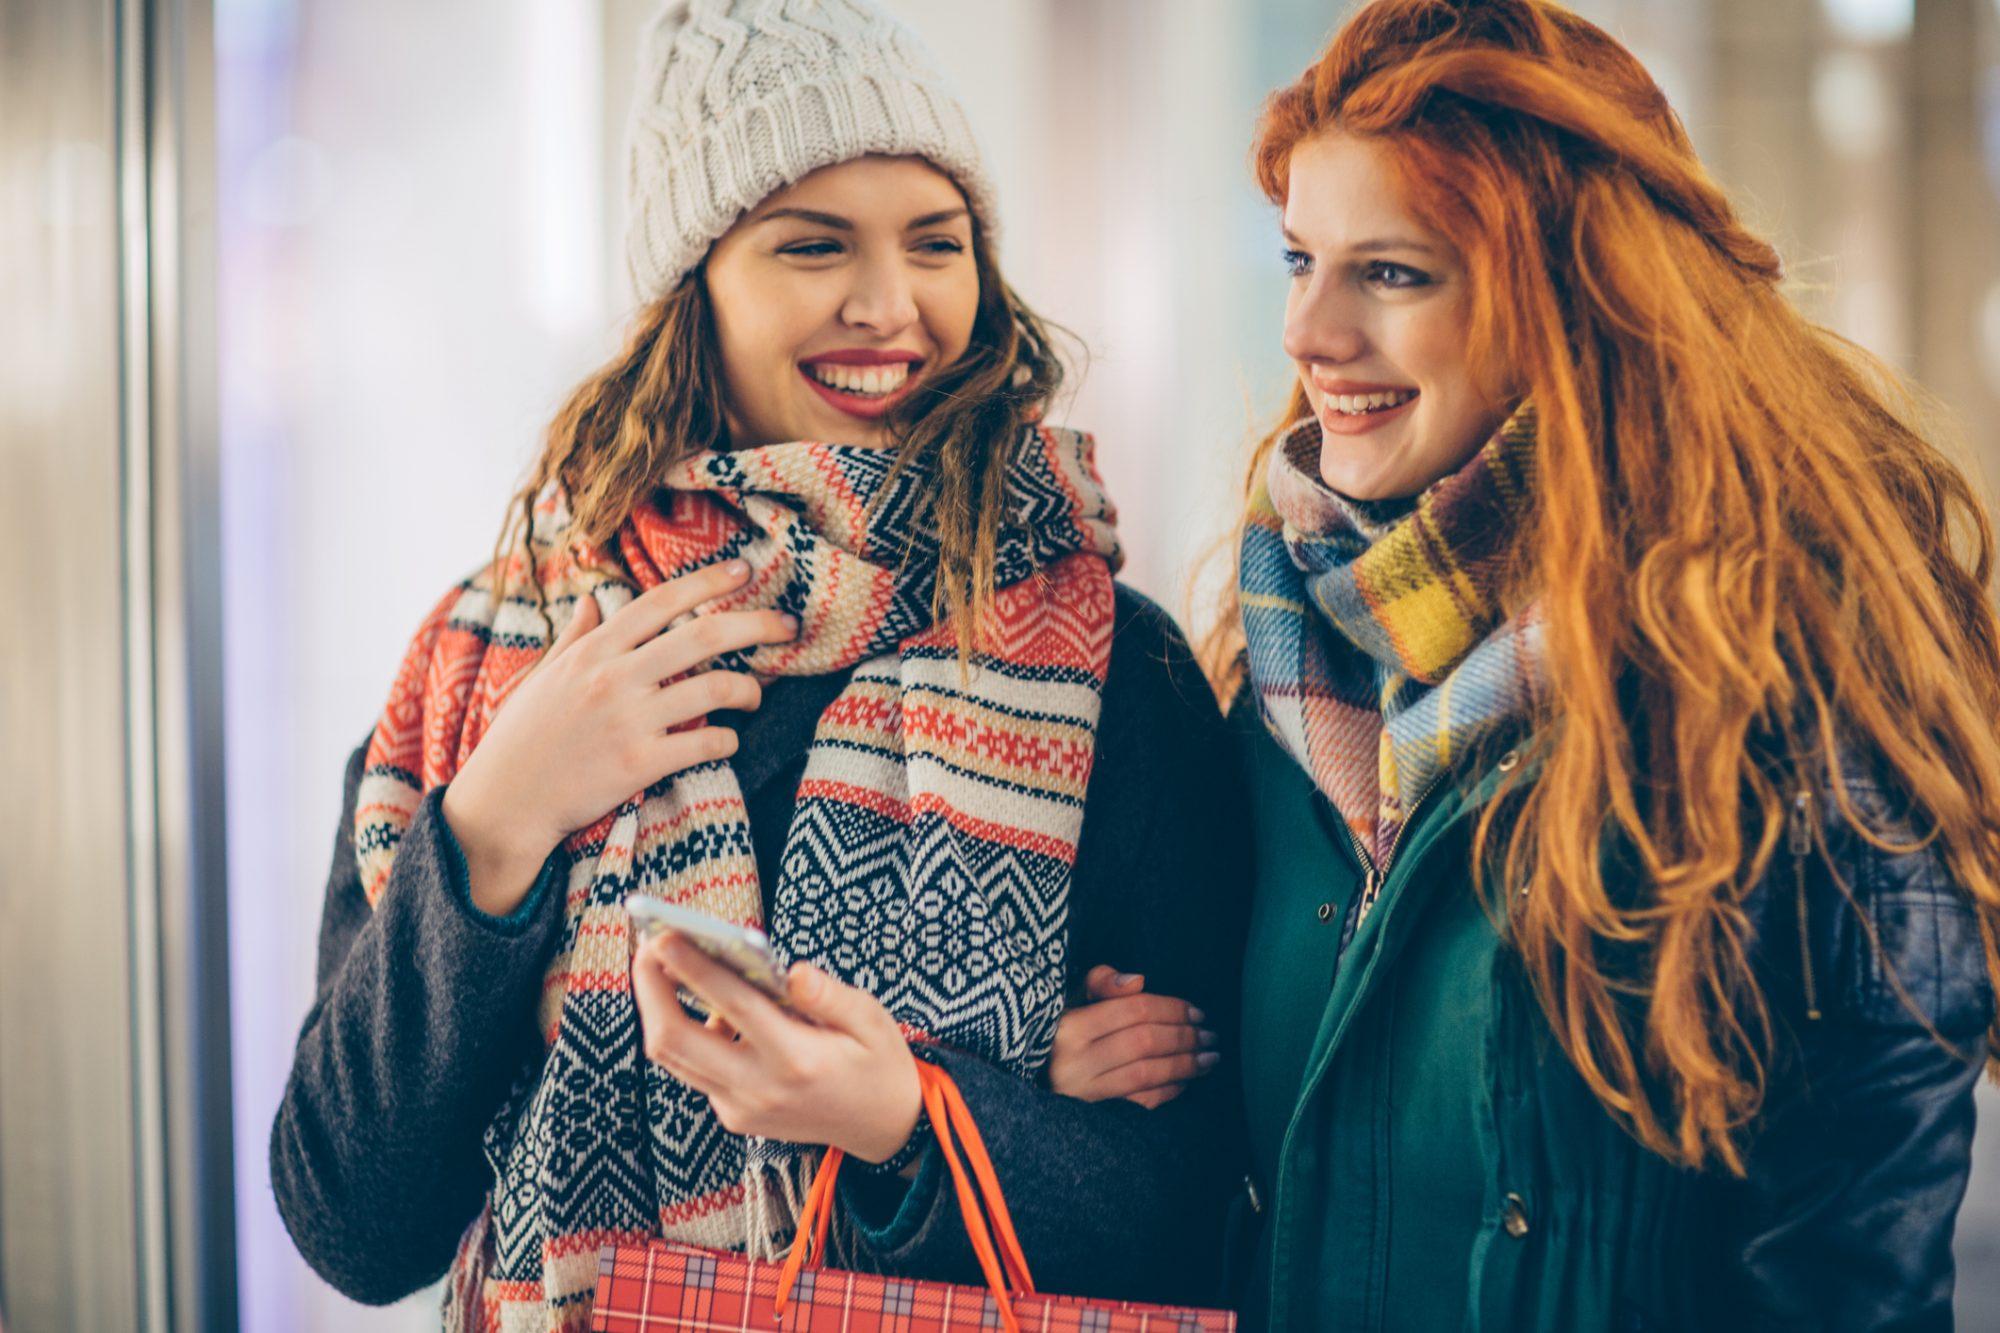 women shopping winter